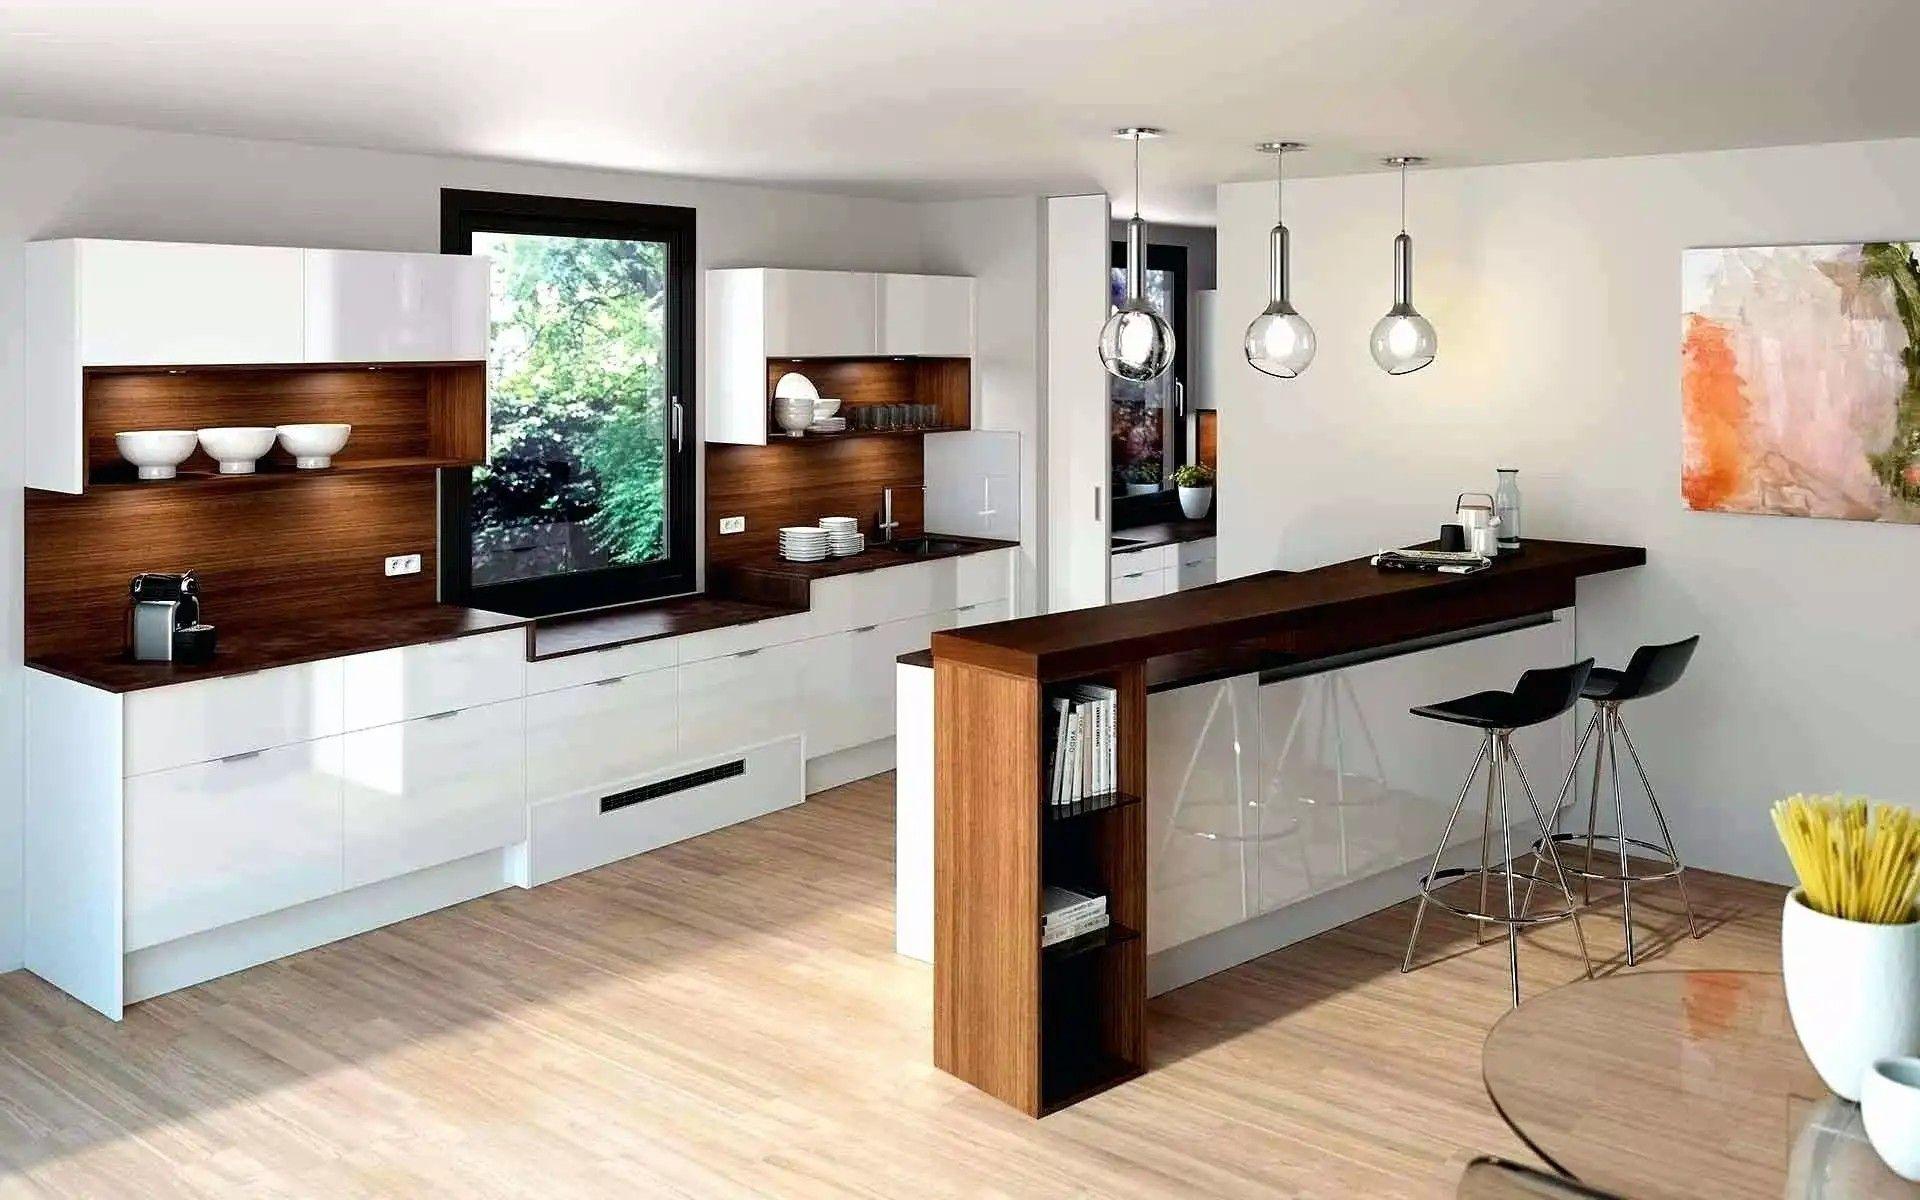 Pin von Andrea Heidner auf Küche | Küche kaufen, Haus ...